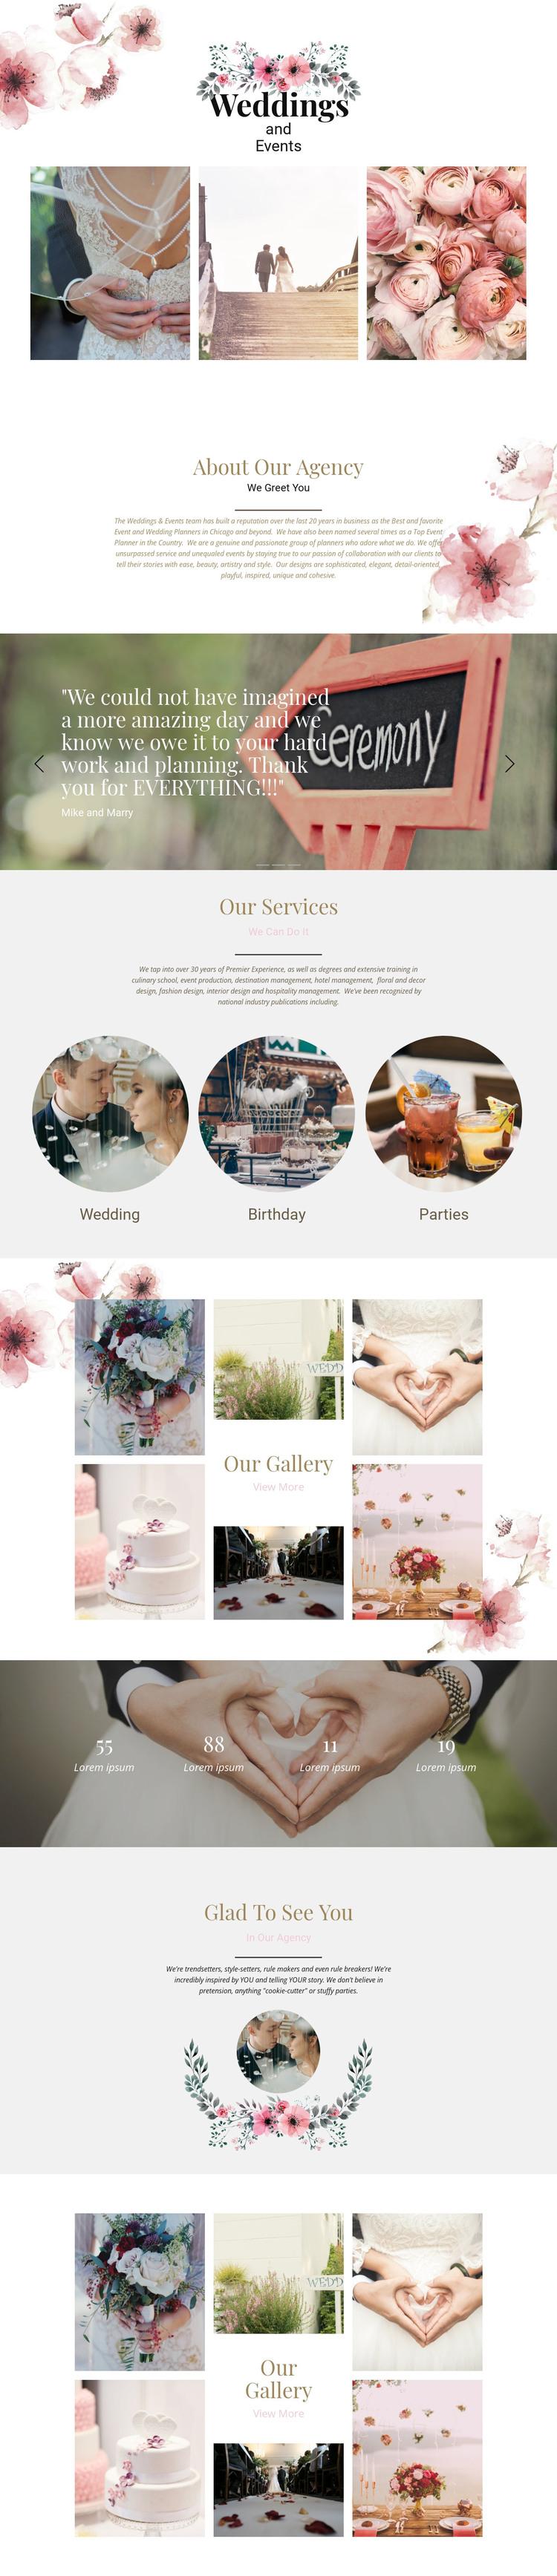 Moments of wedding WordPress Theme